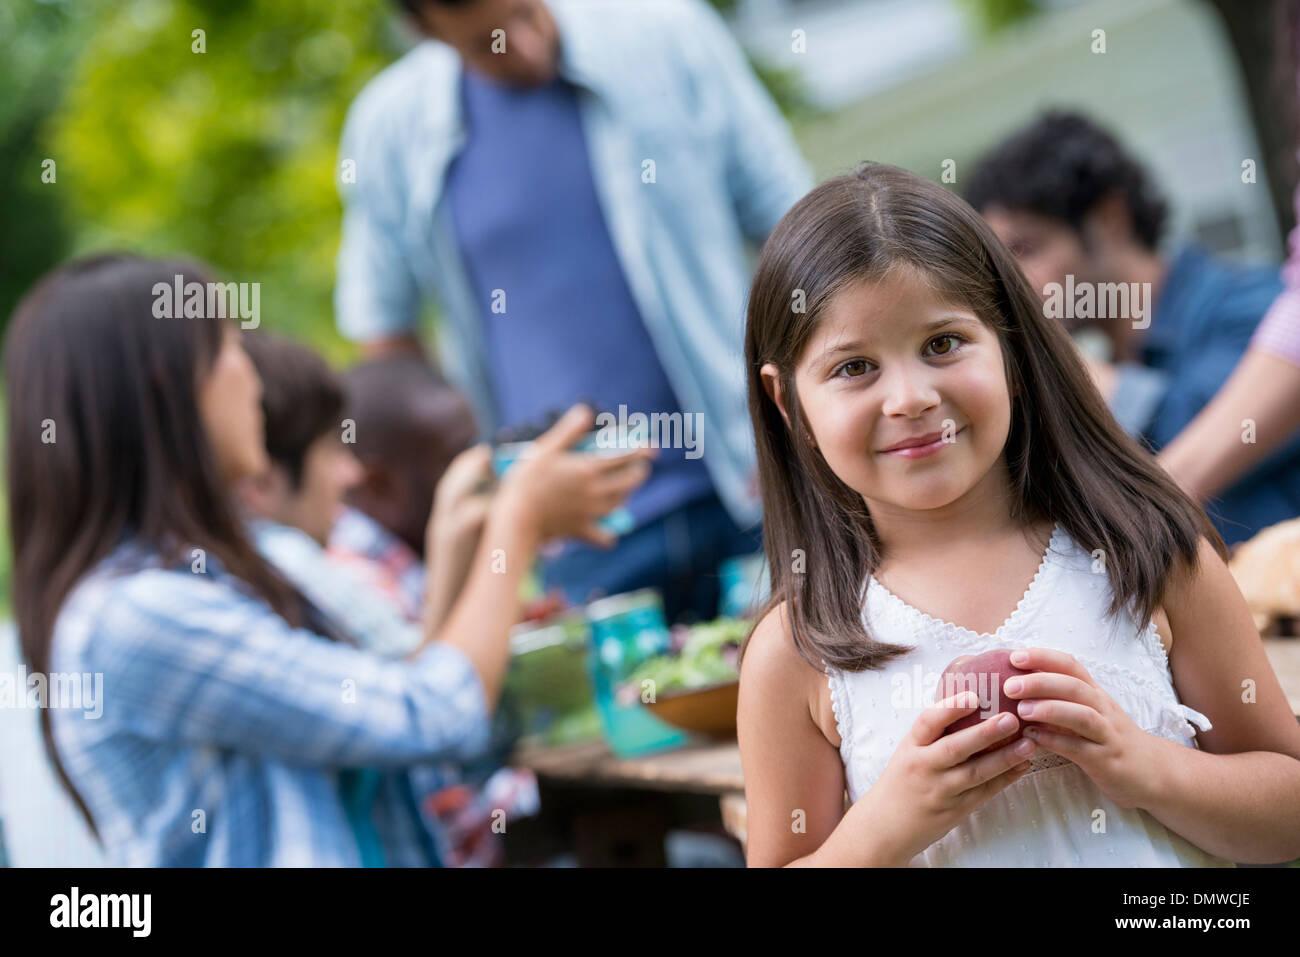 Une partie de l'été à l'extérieur. Les adultes et les enfants autour d'une table. Photo Stock